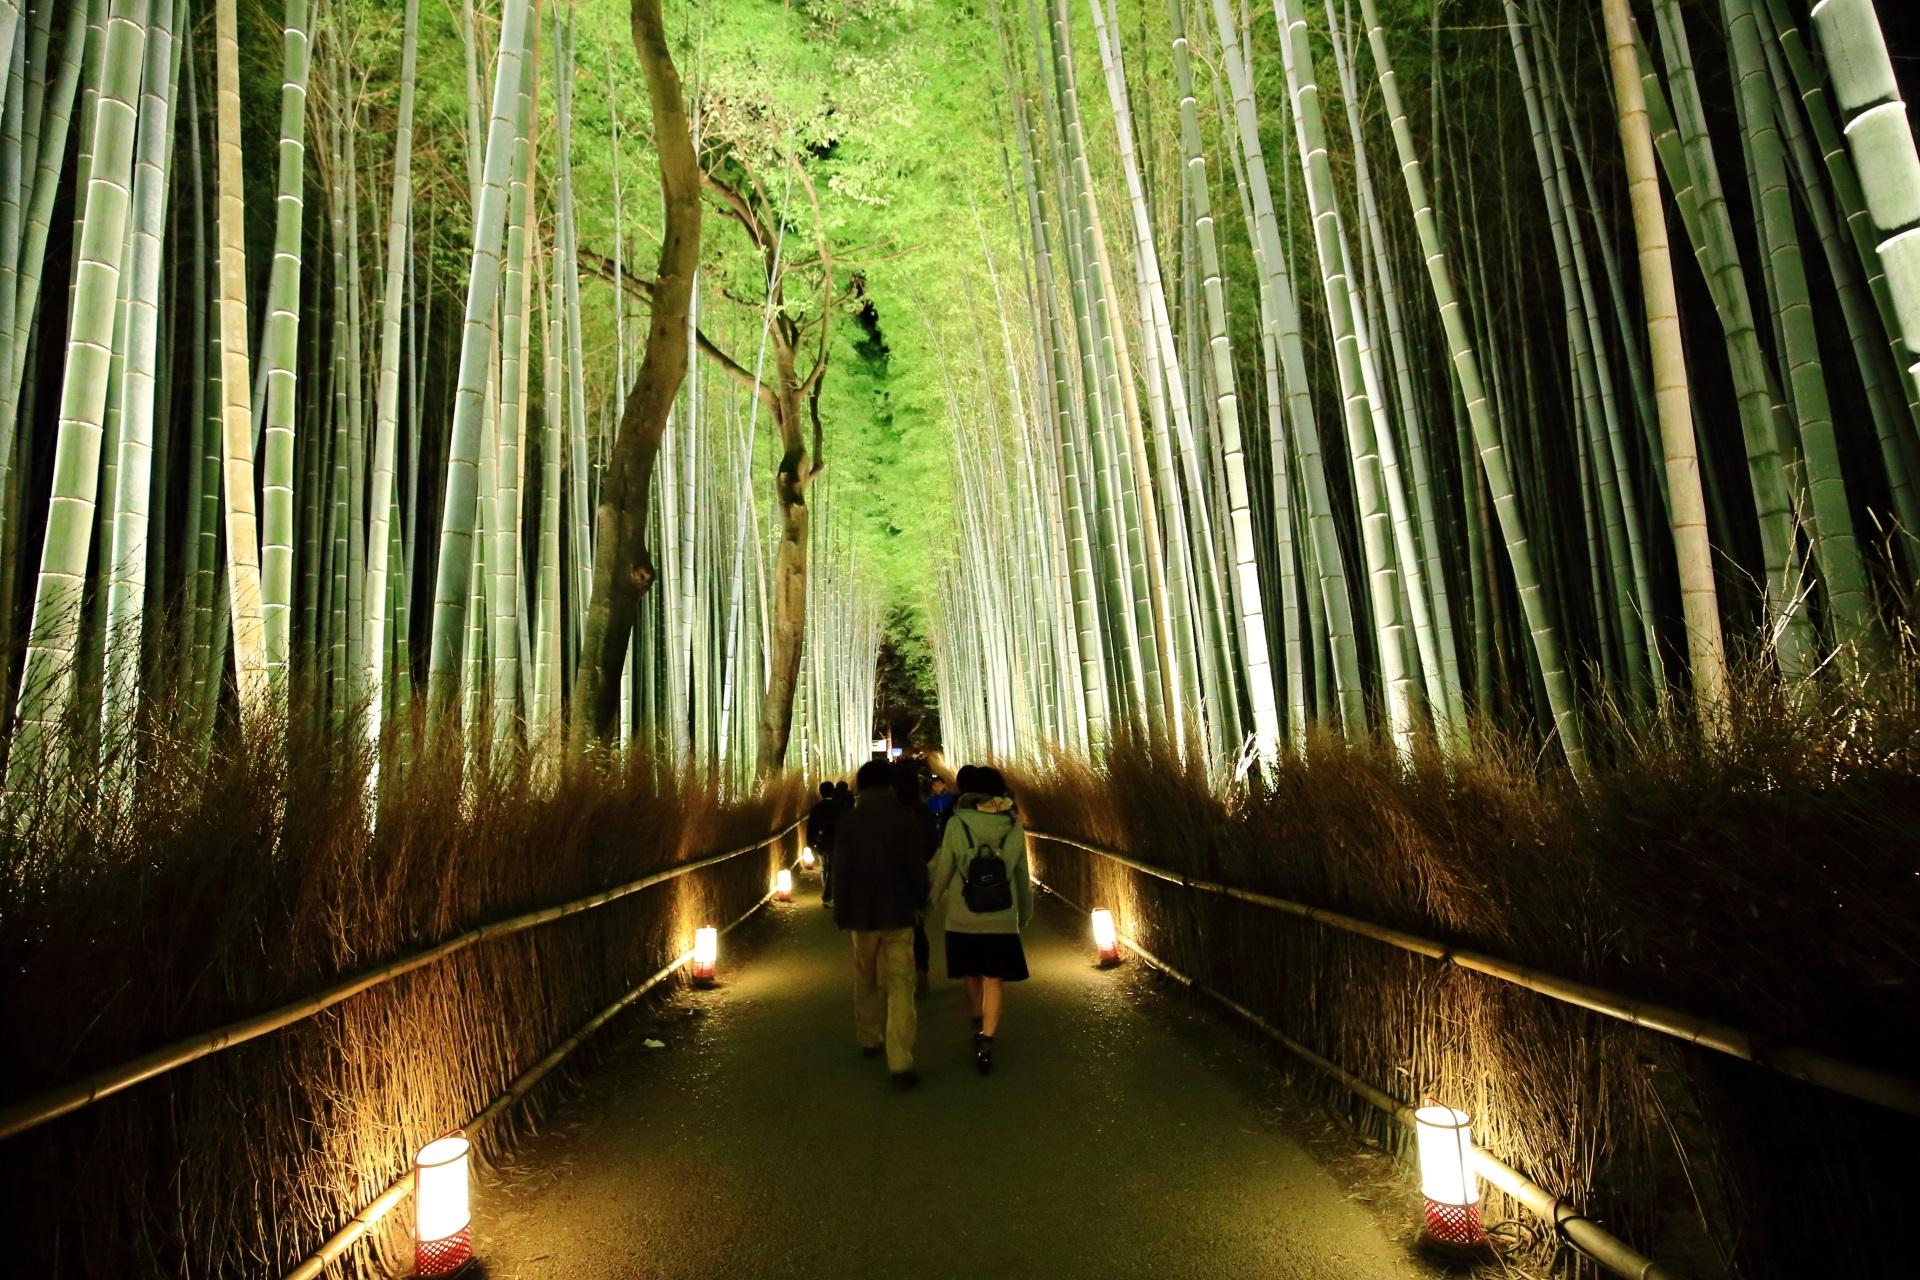 嵐山花灯路の綺麗な竹林の道のライトアップ